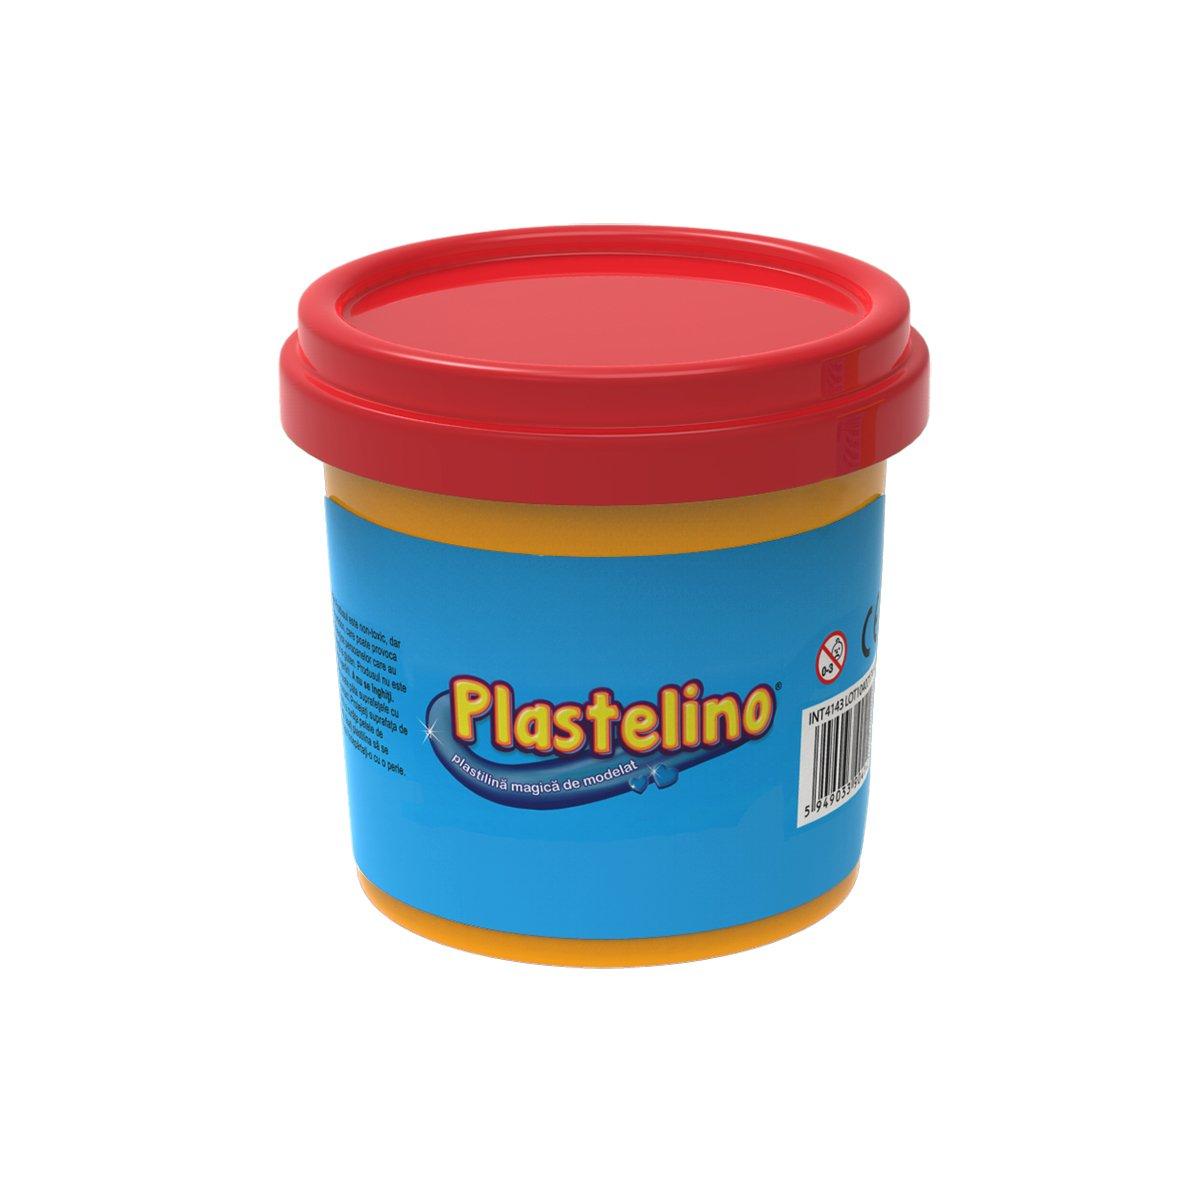 Plastelino - Tub de plastilina Rosu